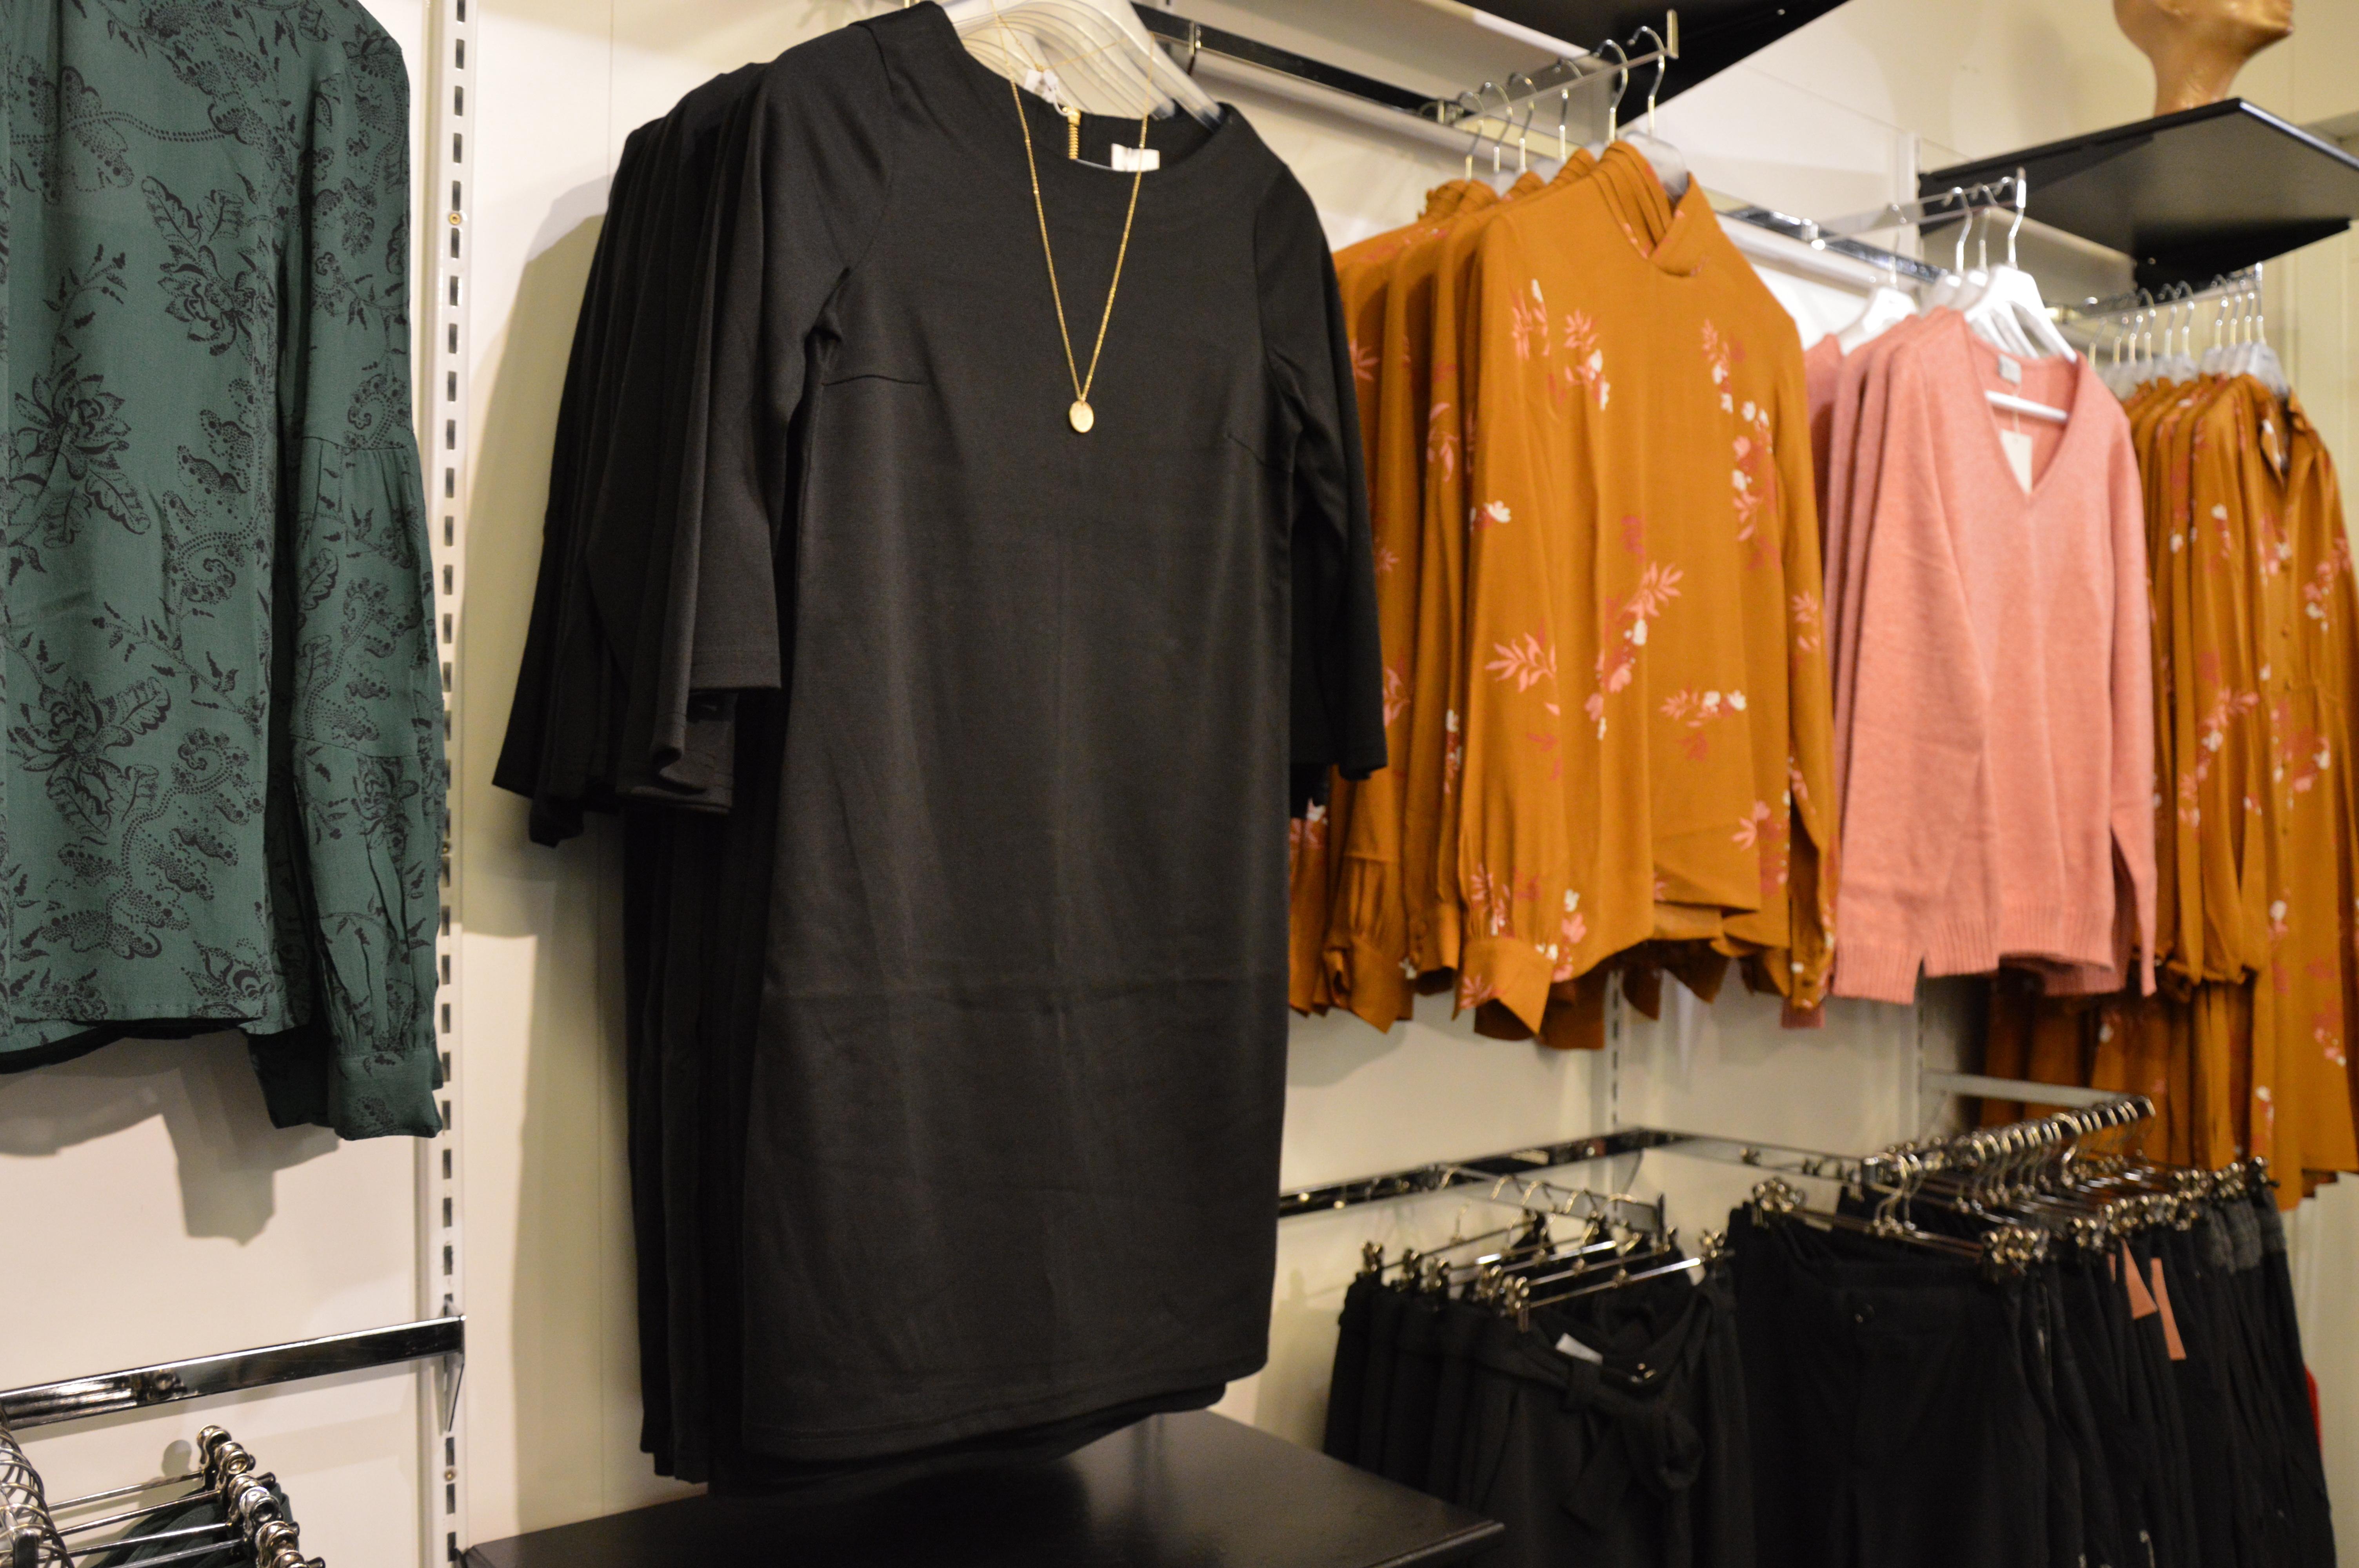 Lenas klær_3.JPG